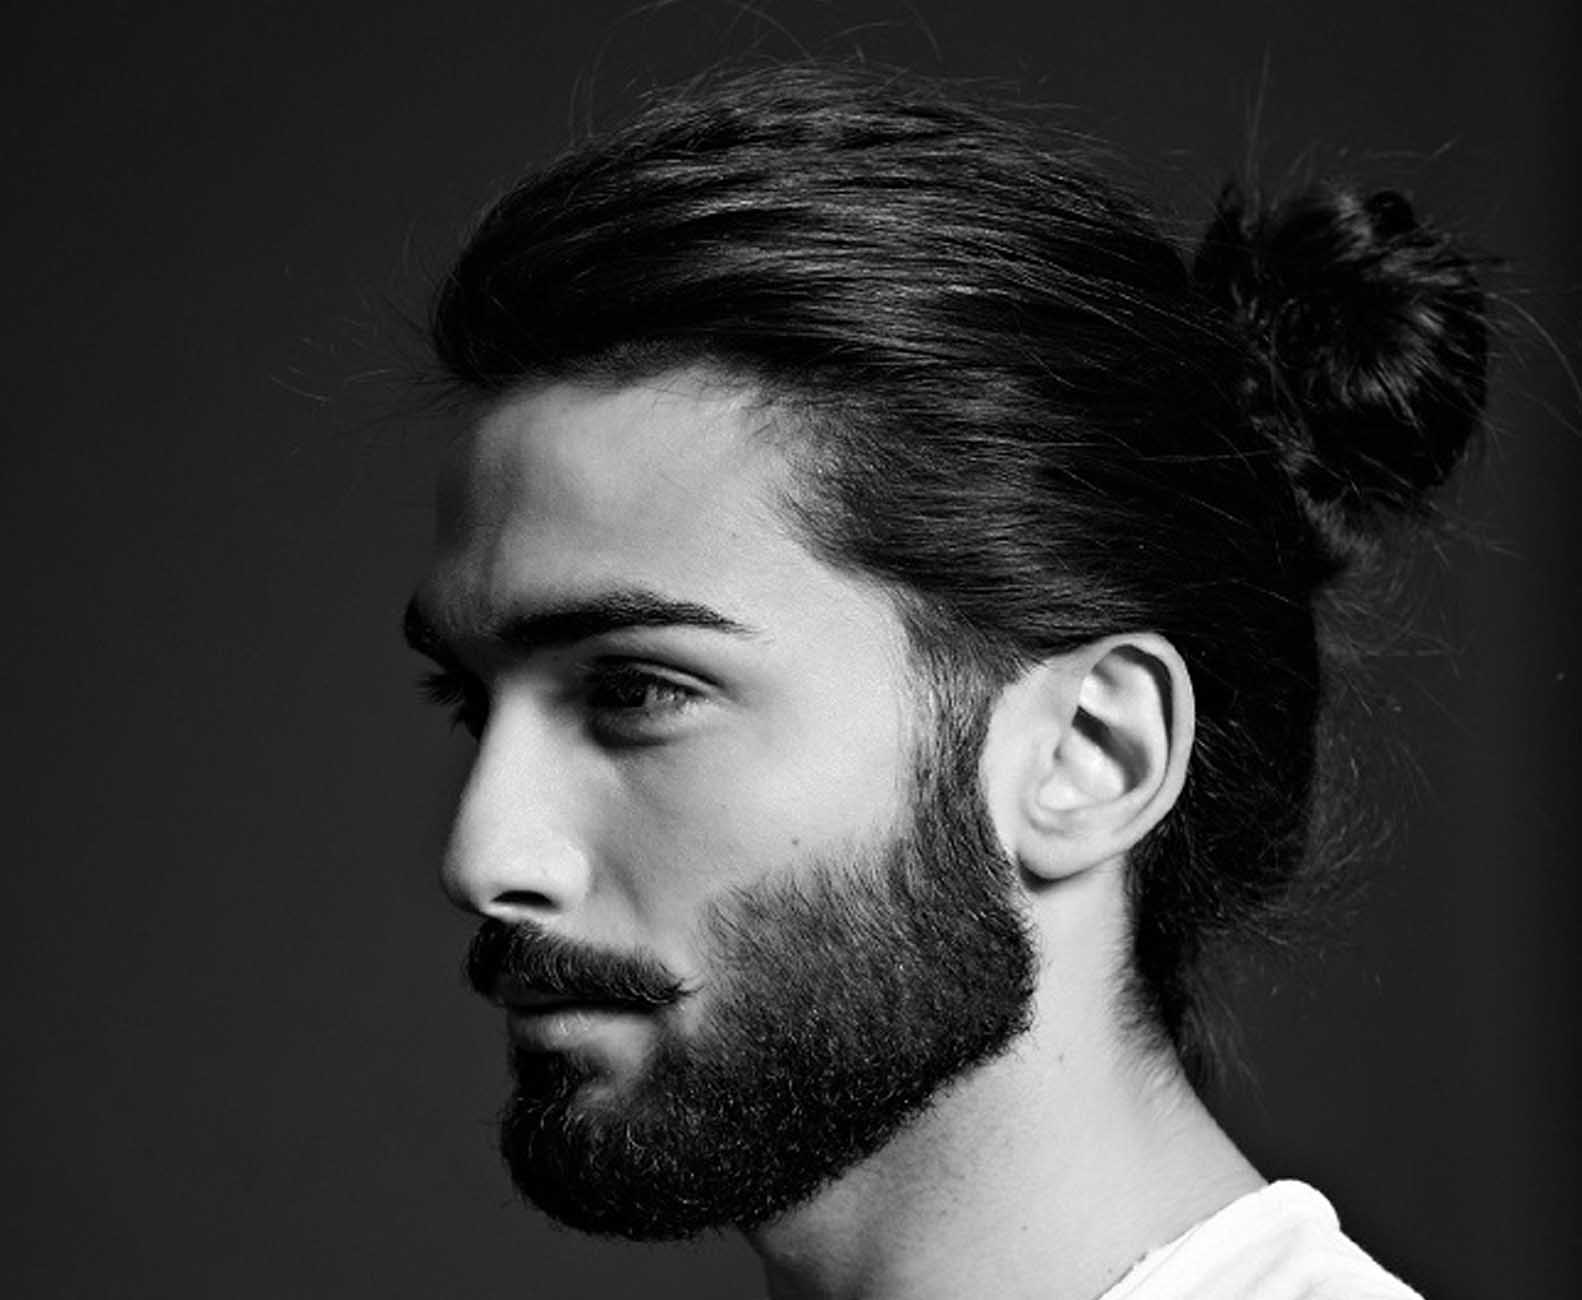 Gaya Rambut Pria Jaman Dulu | Rambuthits